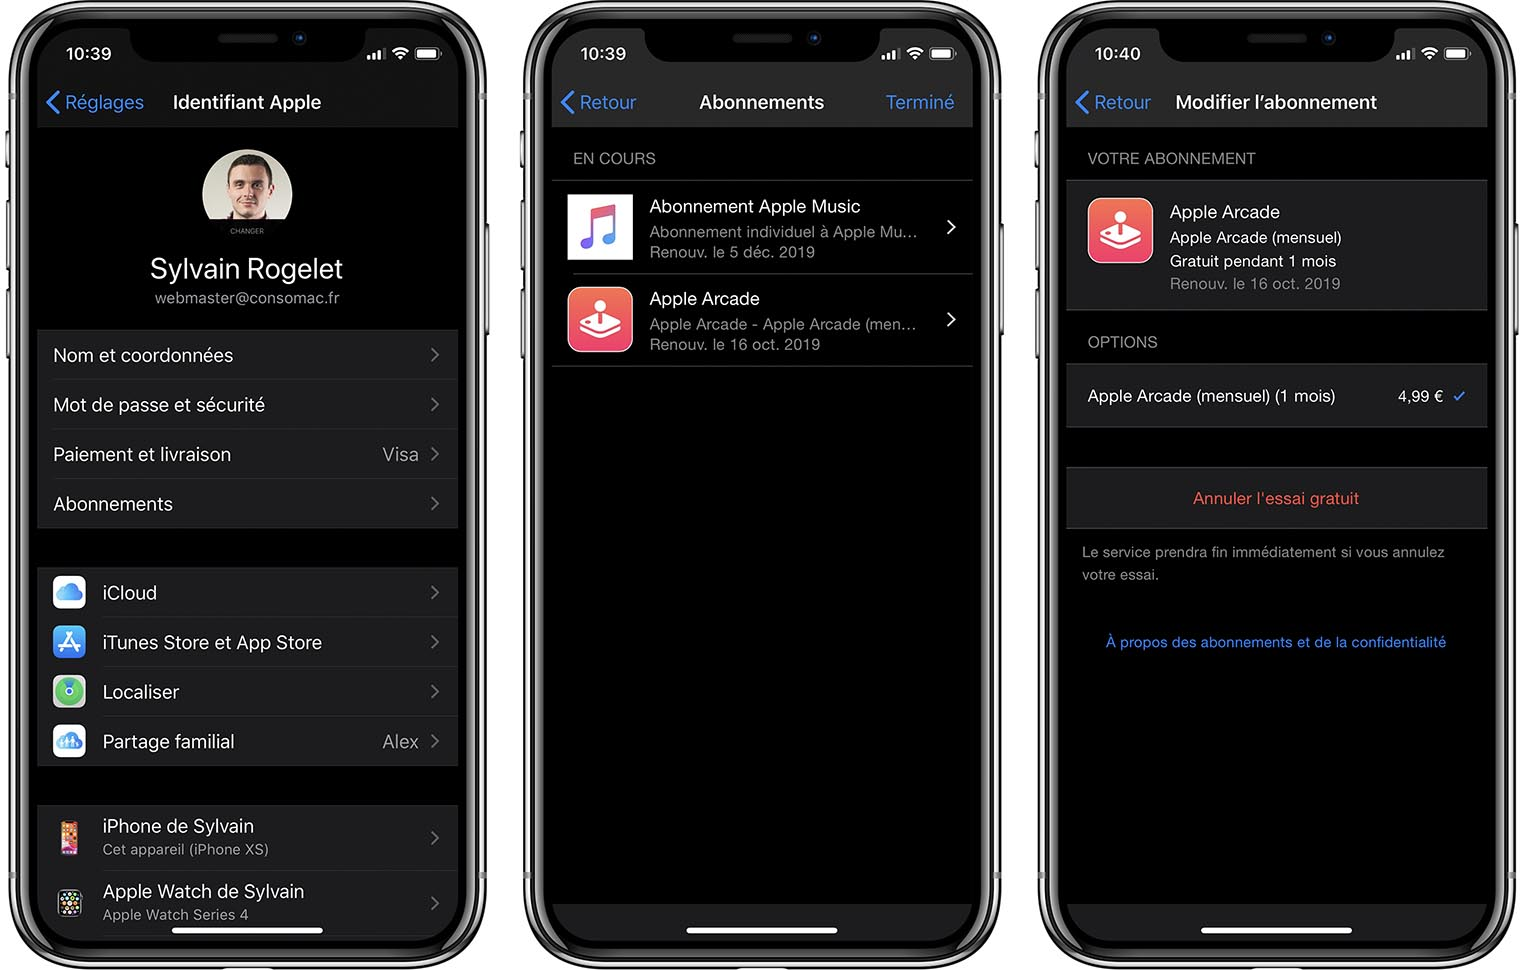 Désabonnement Apple Arcade iOS